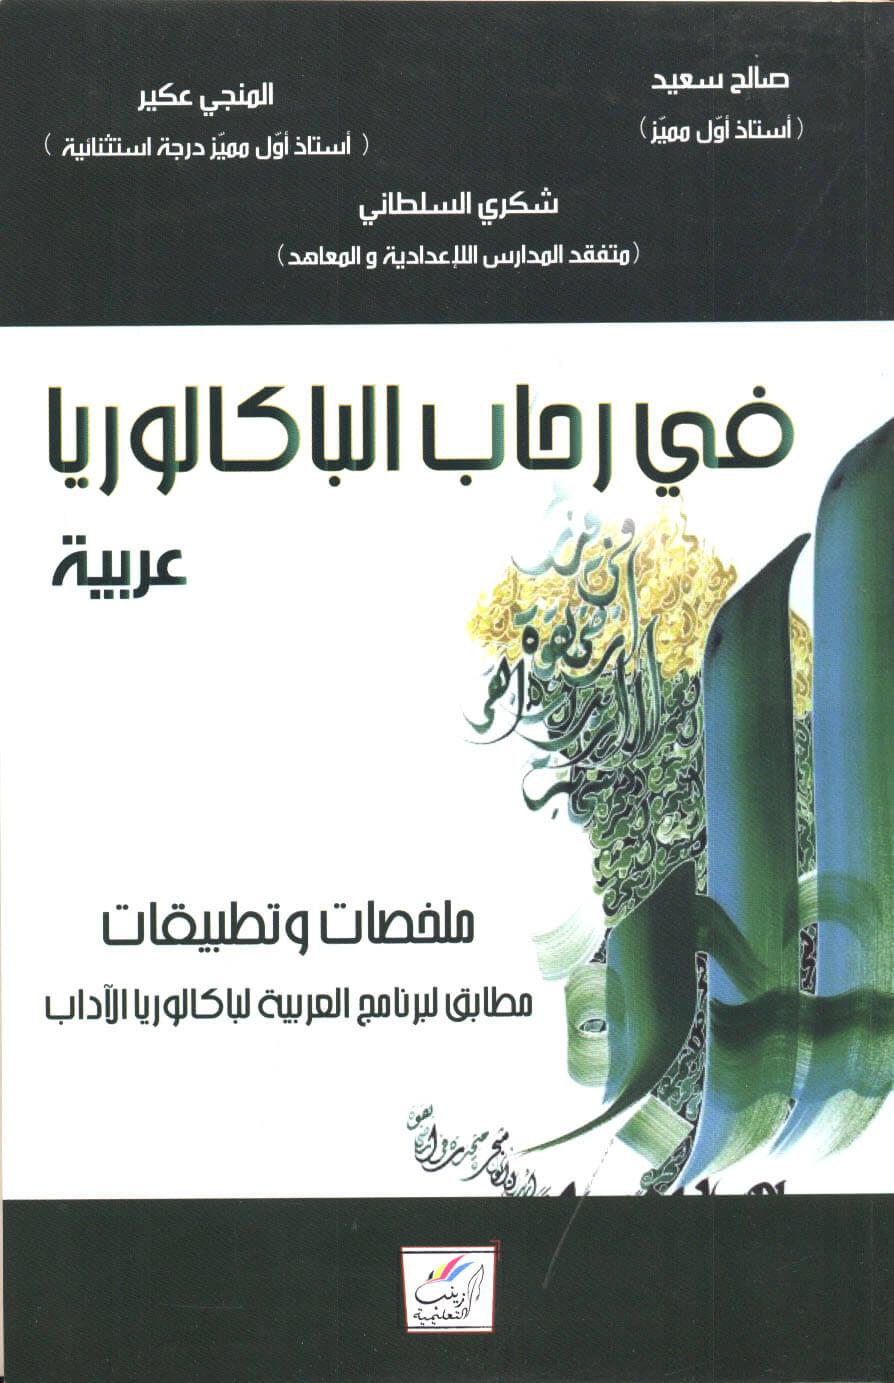 FI RIHAB BACCALAUREAT ARABIYA